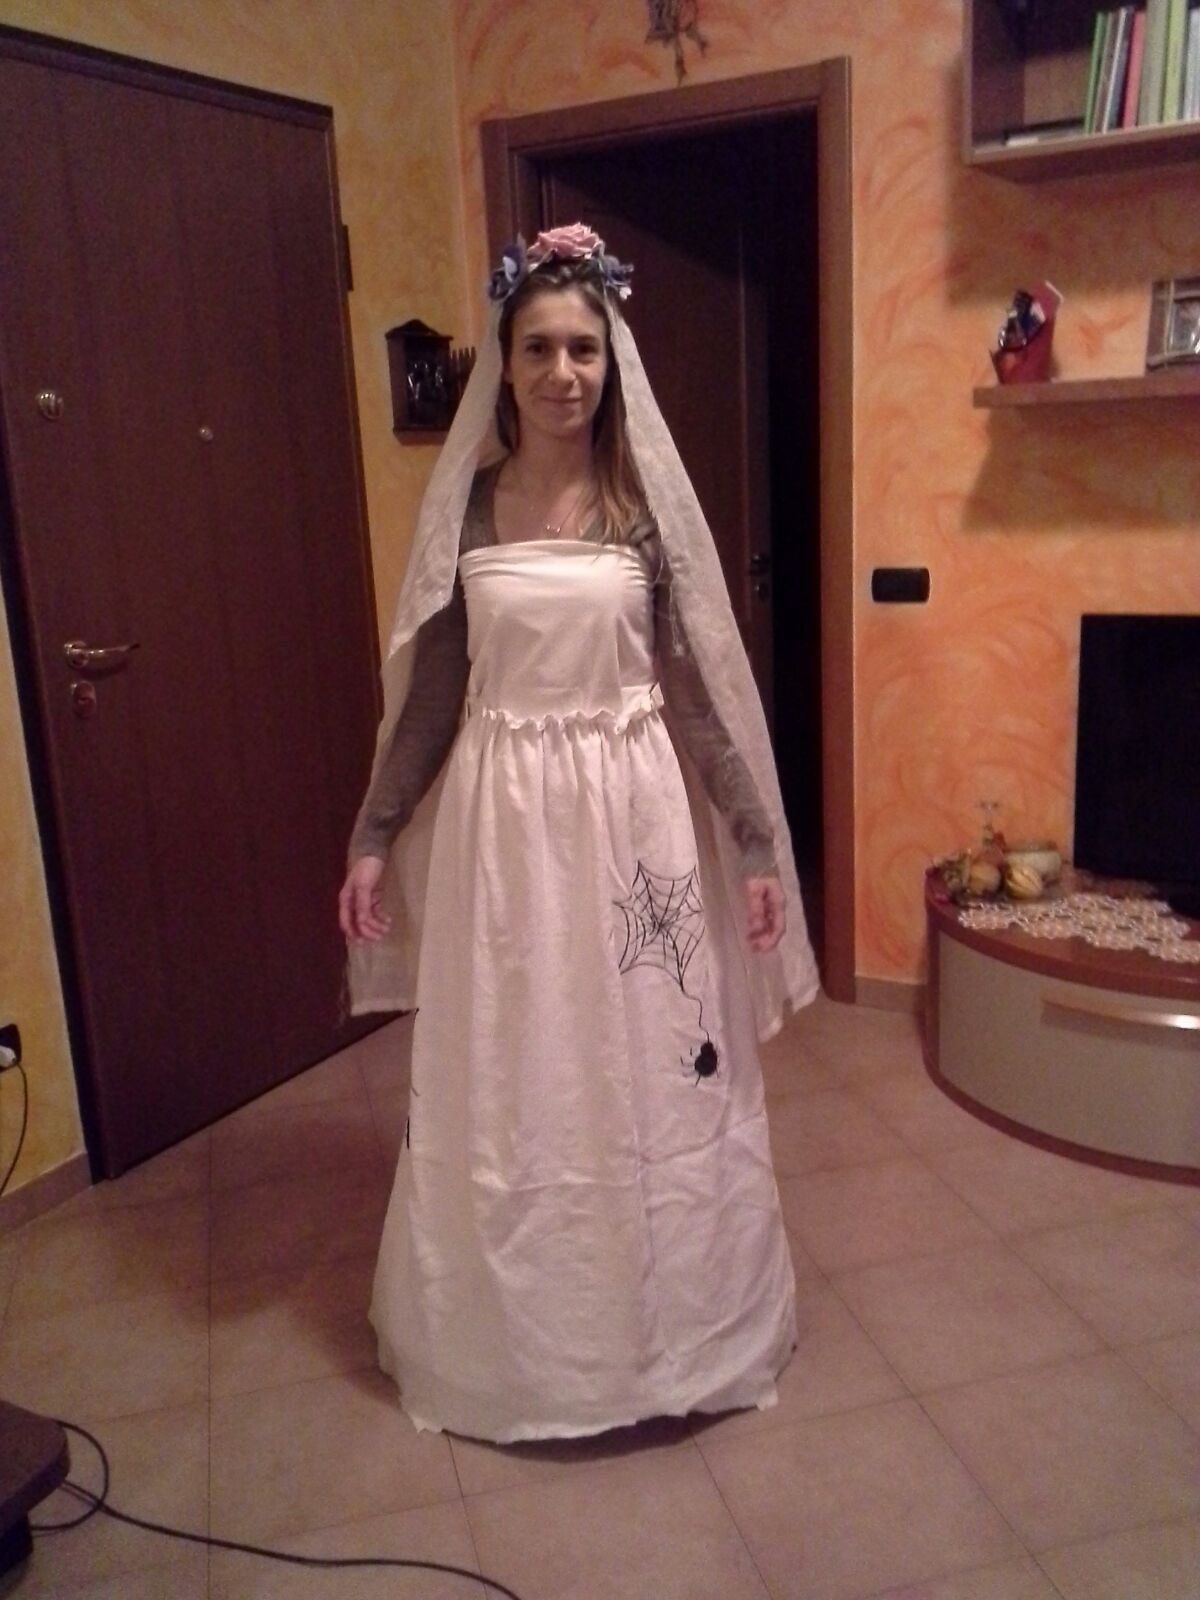 Ecco pronto il mio vestito da sposa cadavere. Un leggero trucco fatto con  ombretti azzurri c103c24b3cf